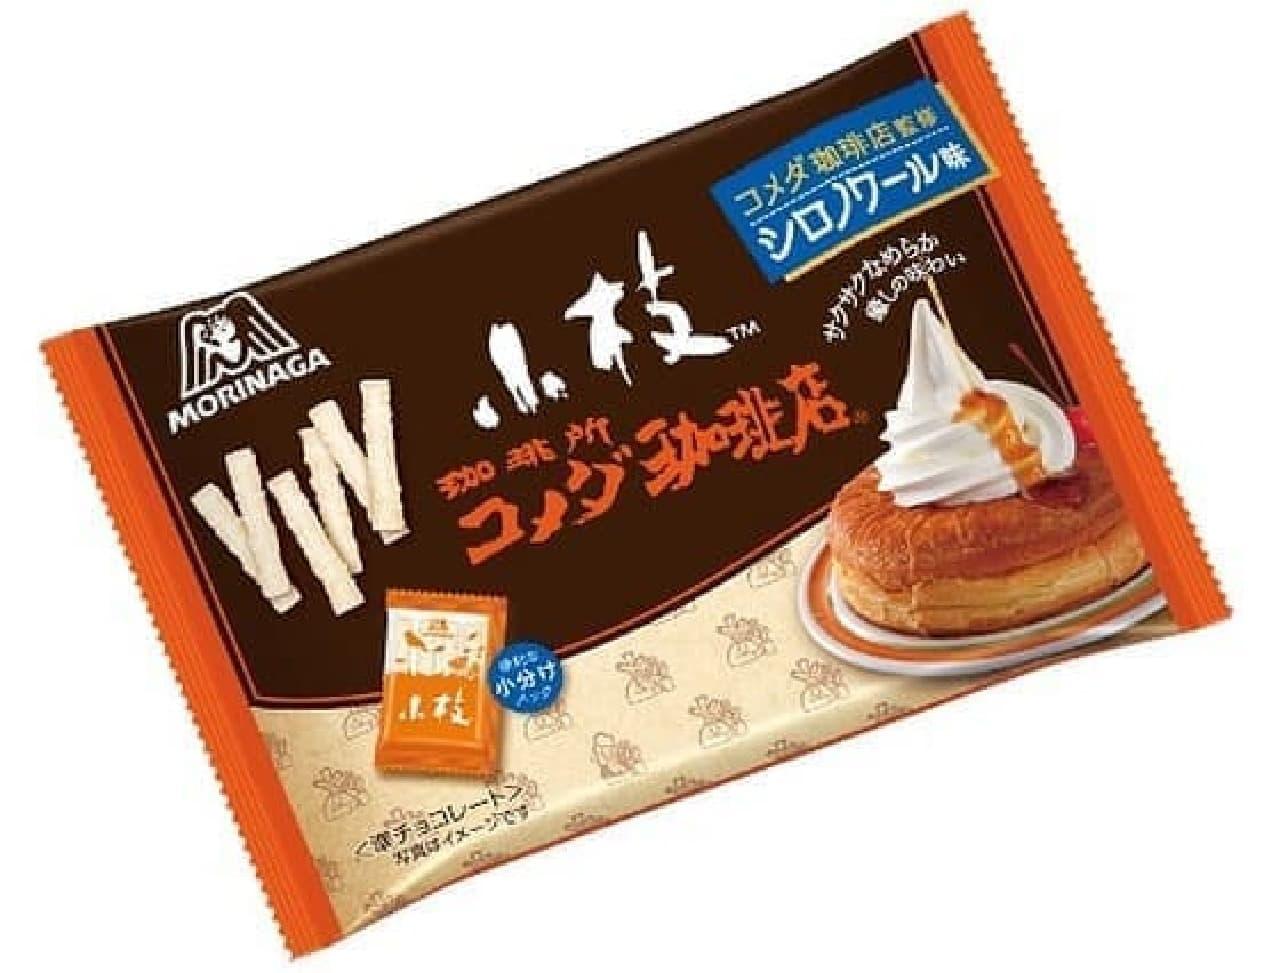 森永製菓とコメダ珈琲店がコラボレーションした「小枝<シロノワール味>」